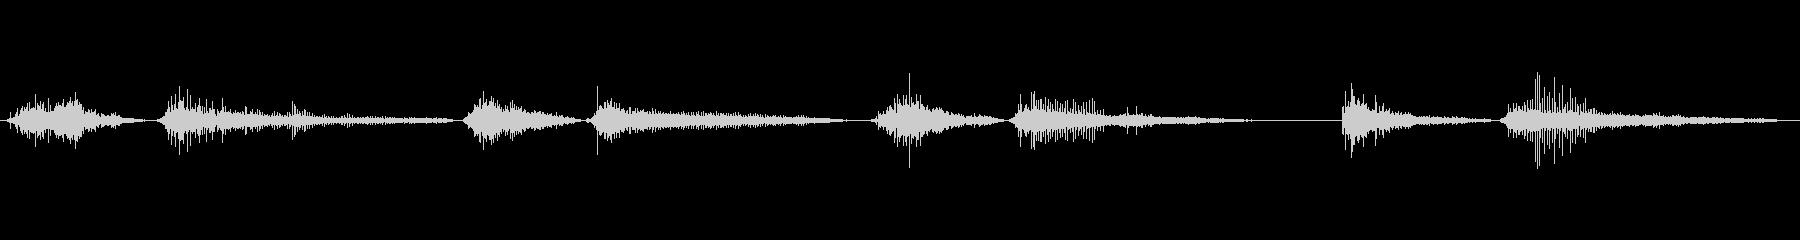 モンスター いびきバイブレーション02の未再生の波形